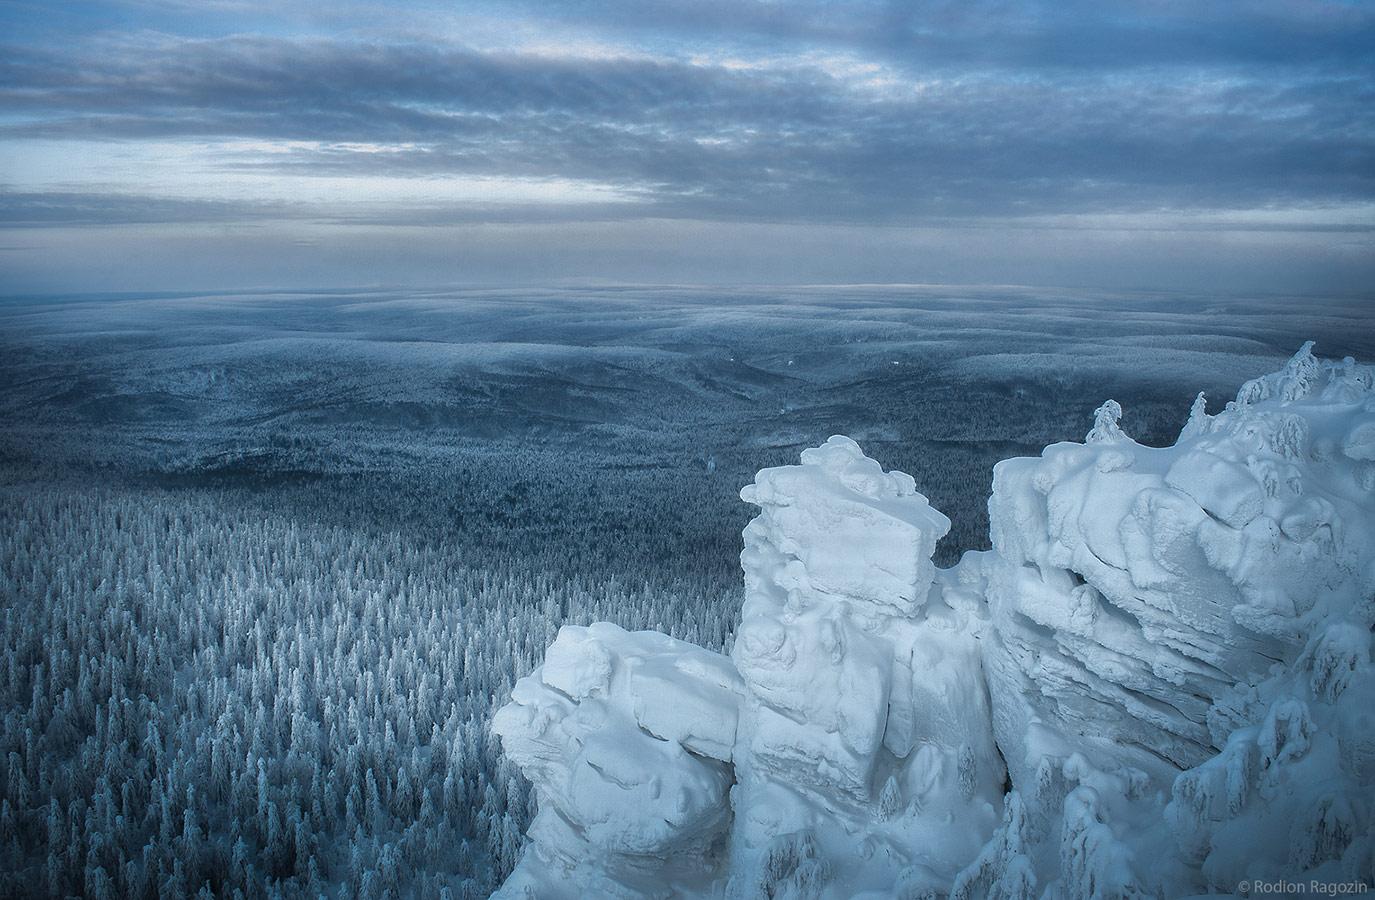 Вид с горы «Полюдов камень», © Рагозин Родион, 1-е место в номинации «Пейзажи», Фотоконкурс «Дикая природа России» от National Geographic